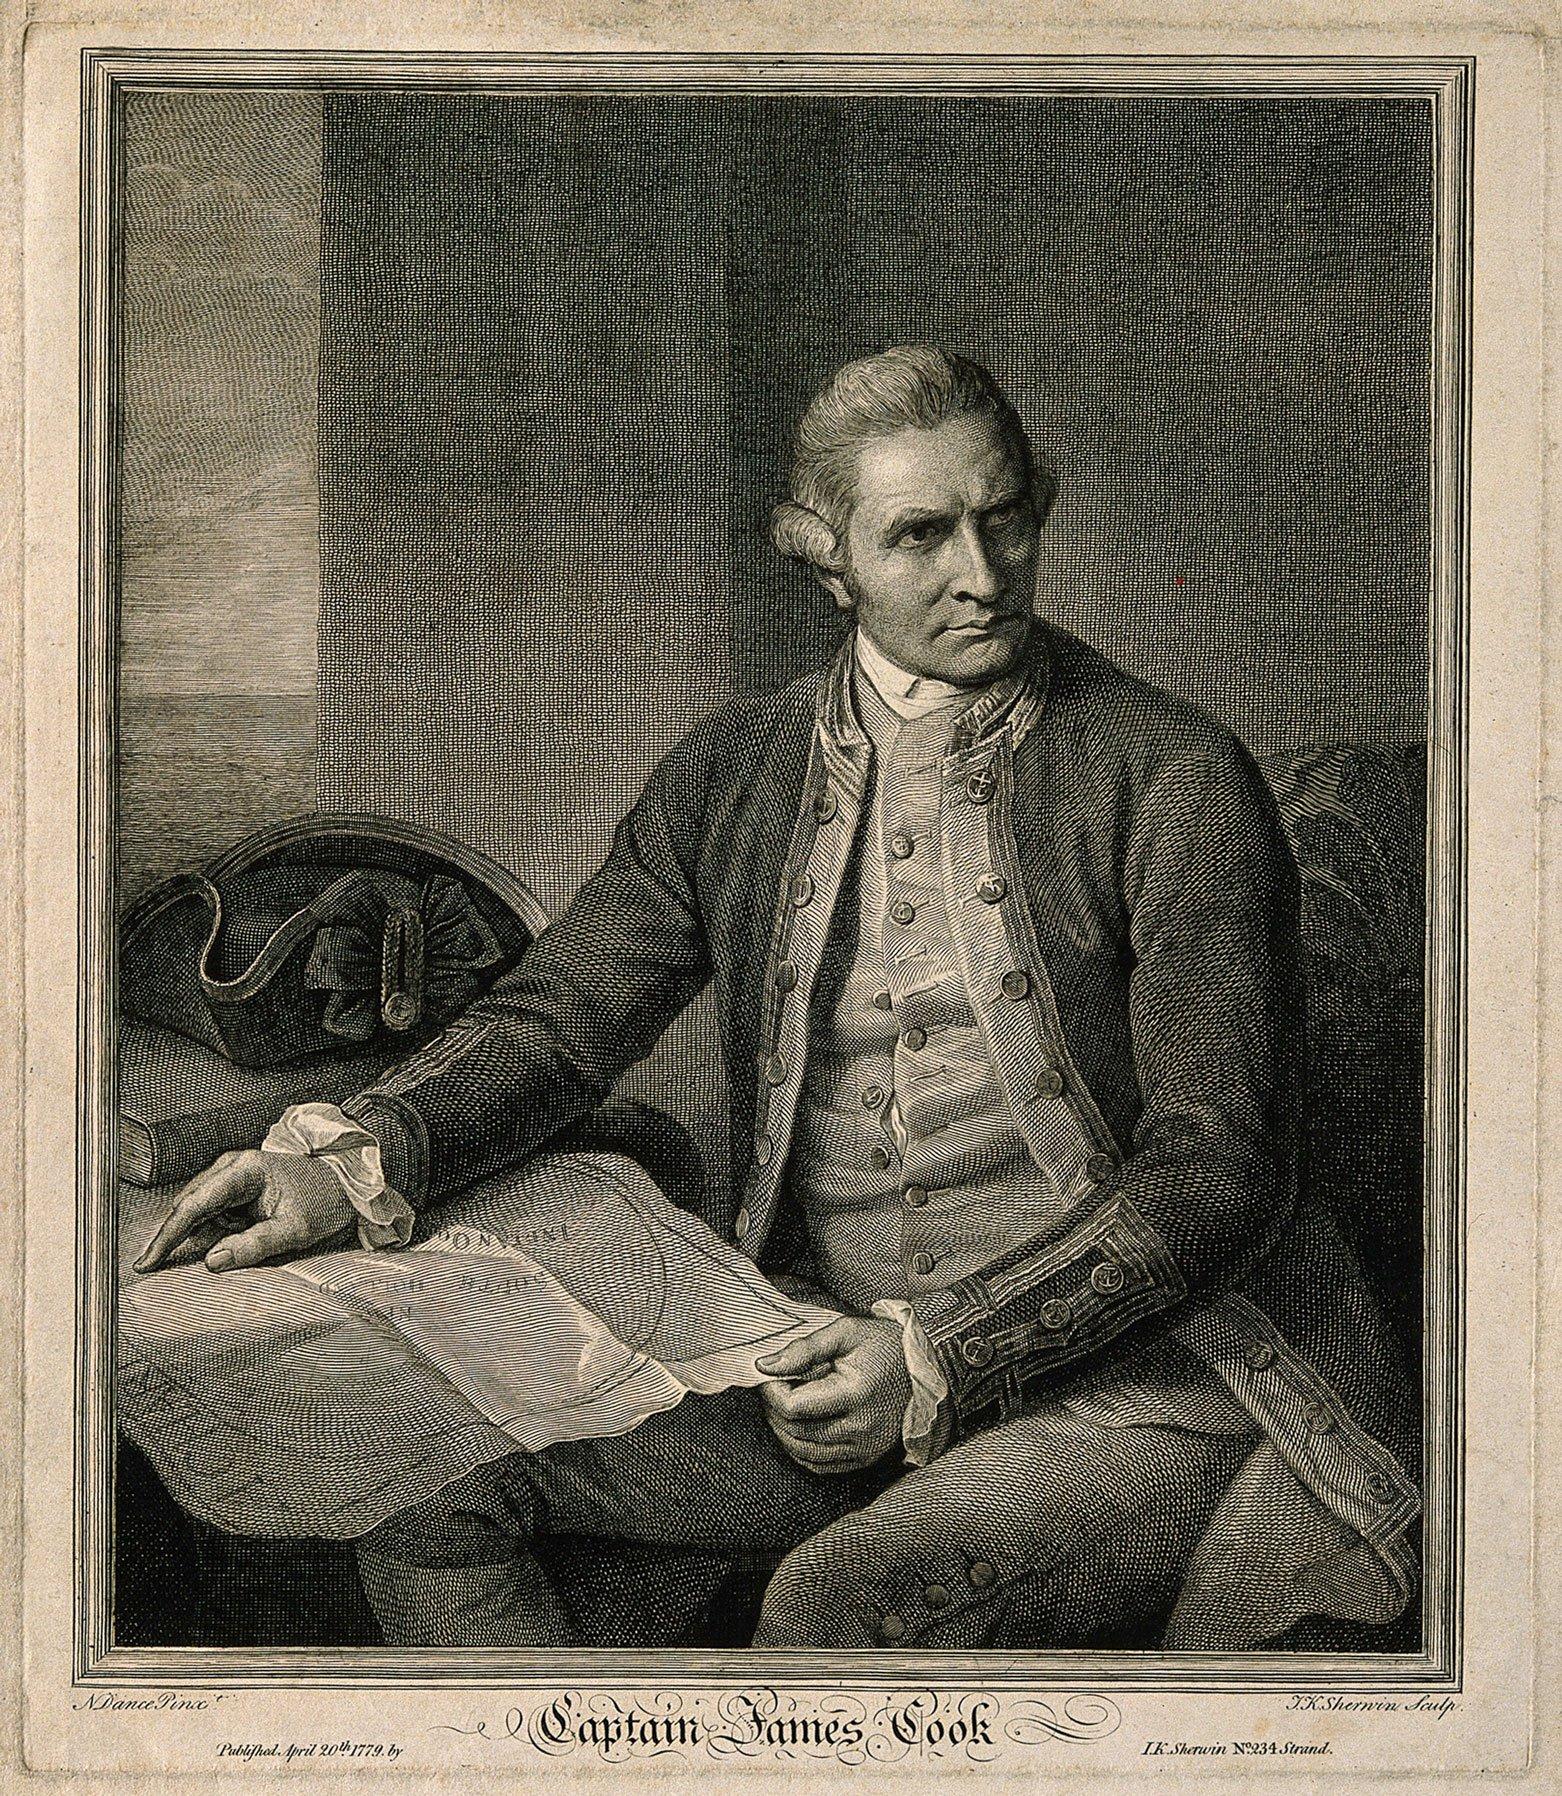 V0001221 James Cook.